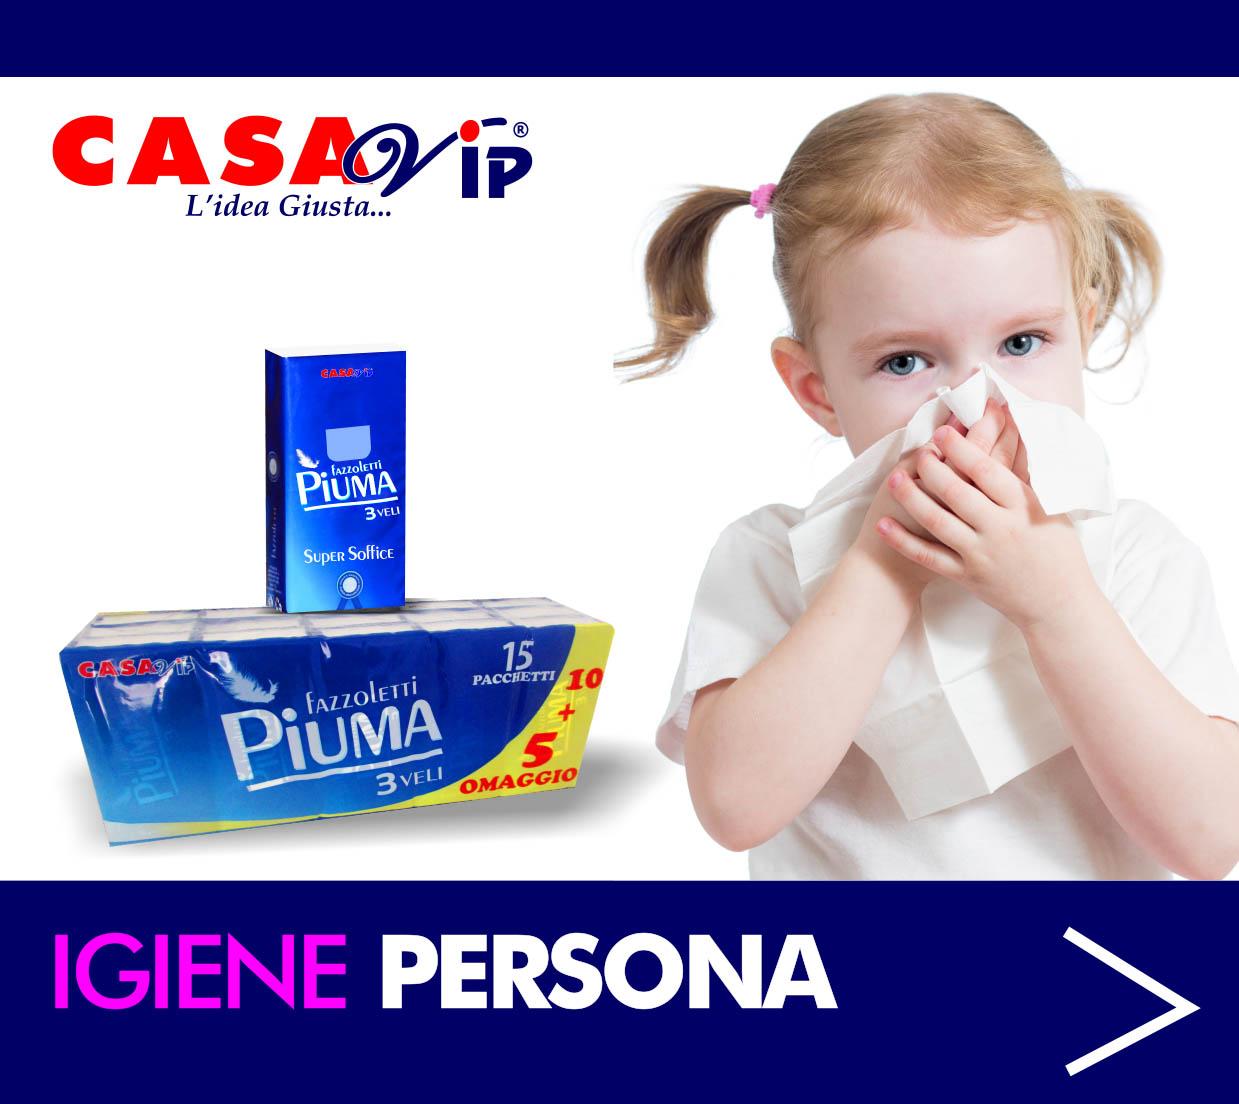 CASAVIP IGIENE PERSONA